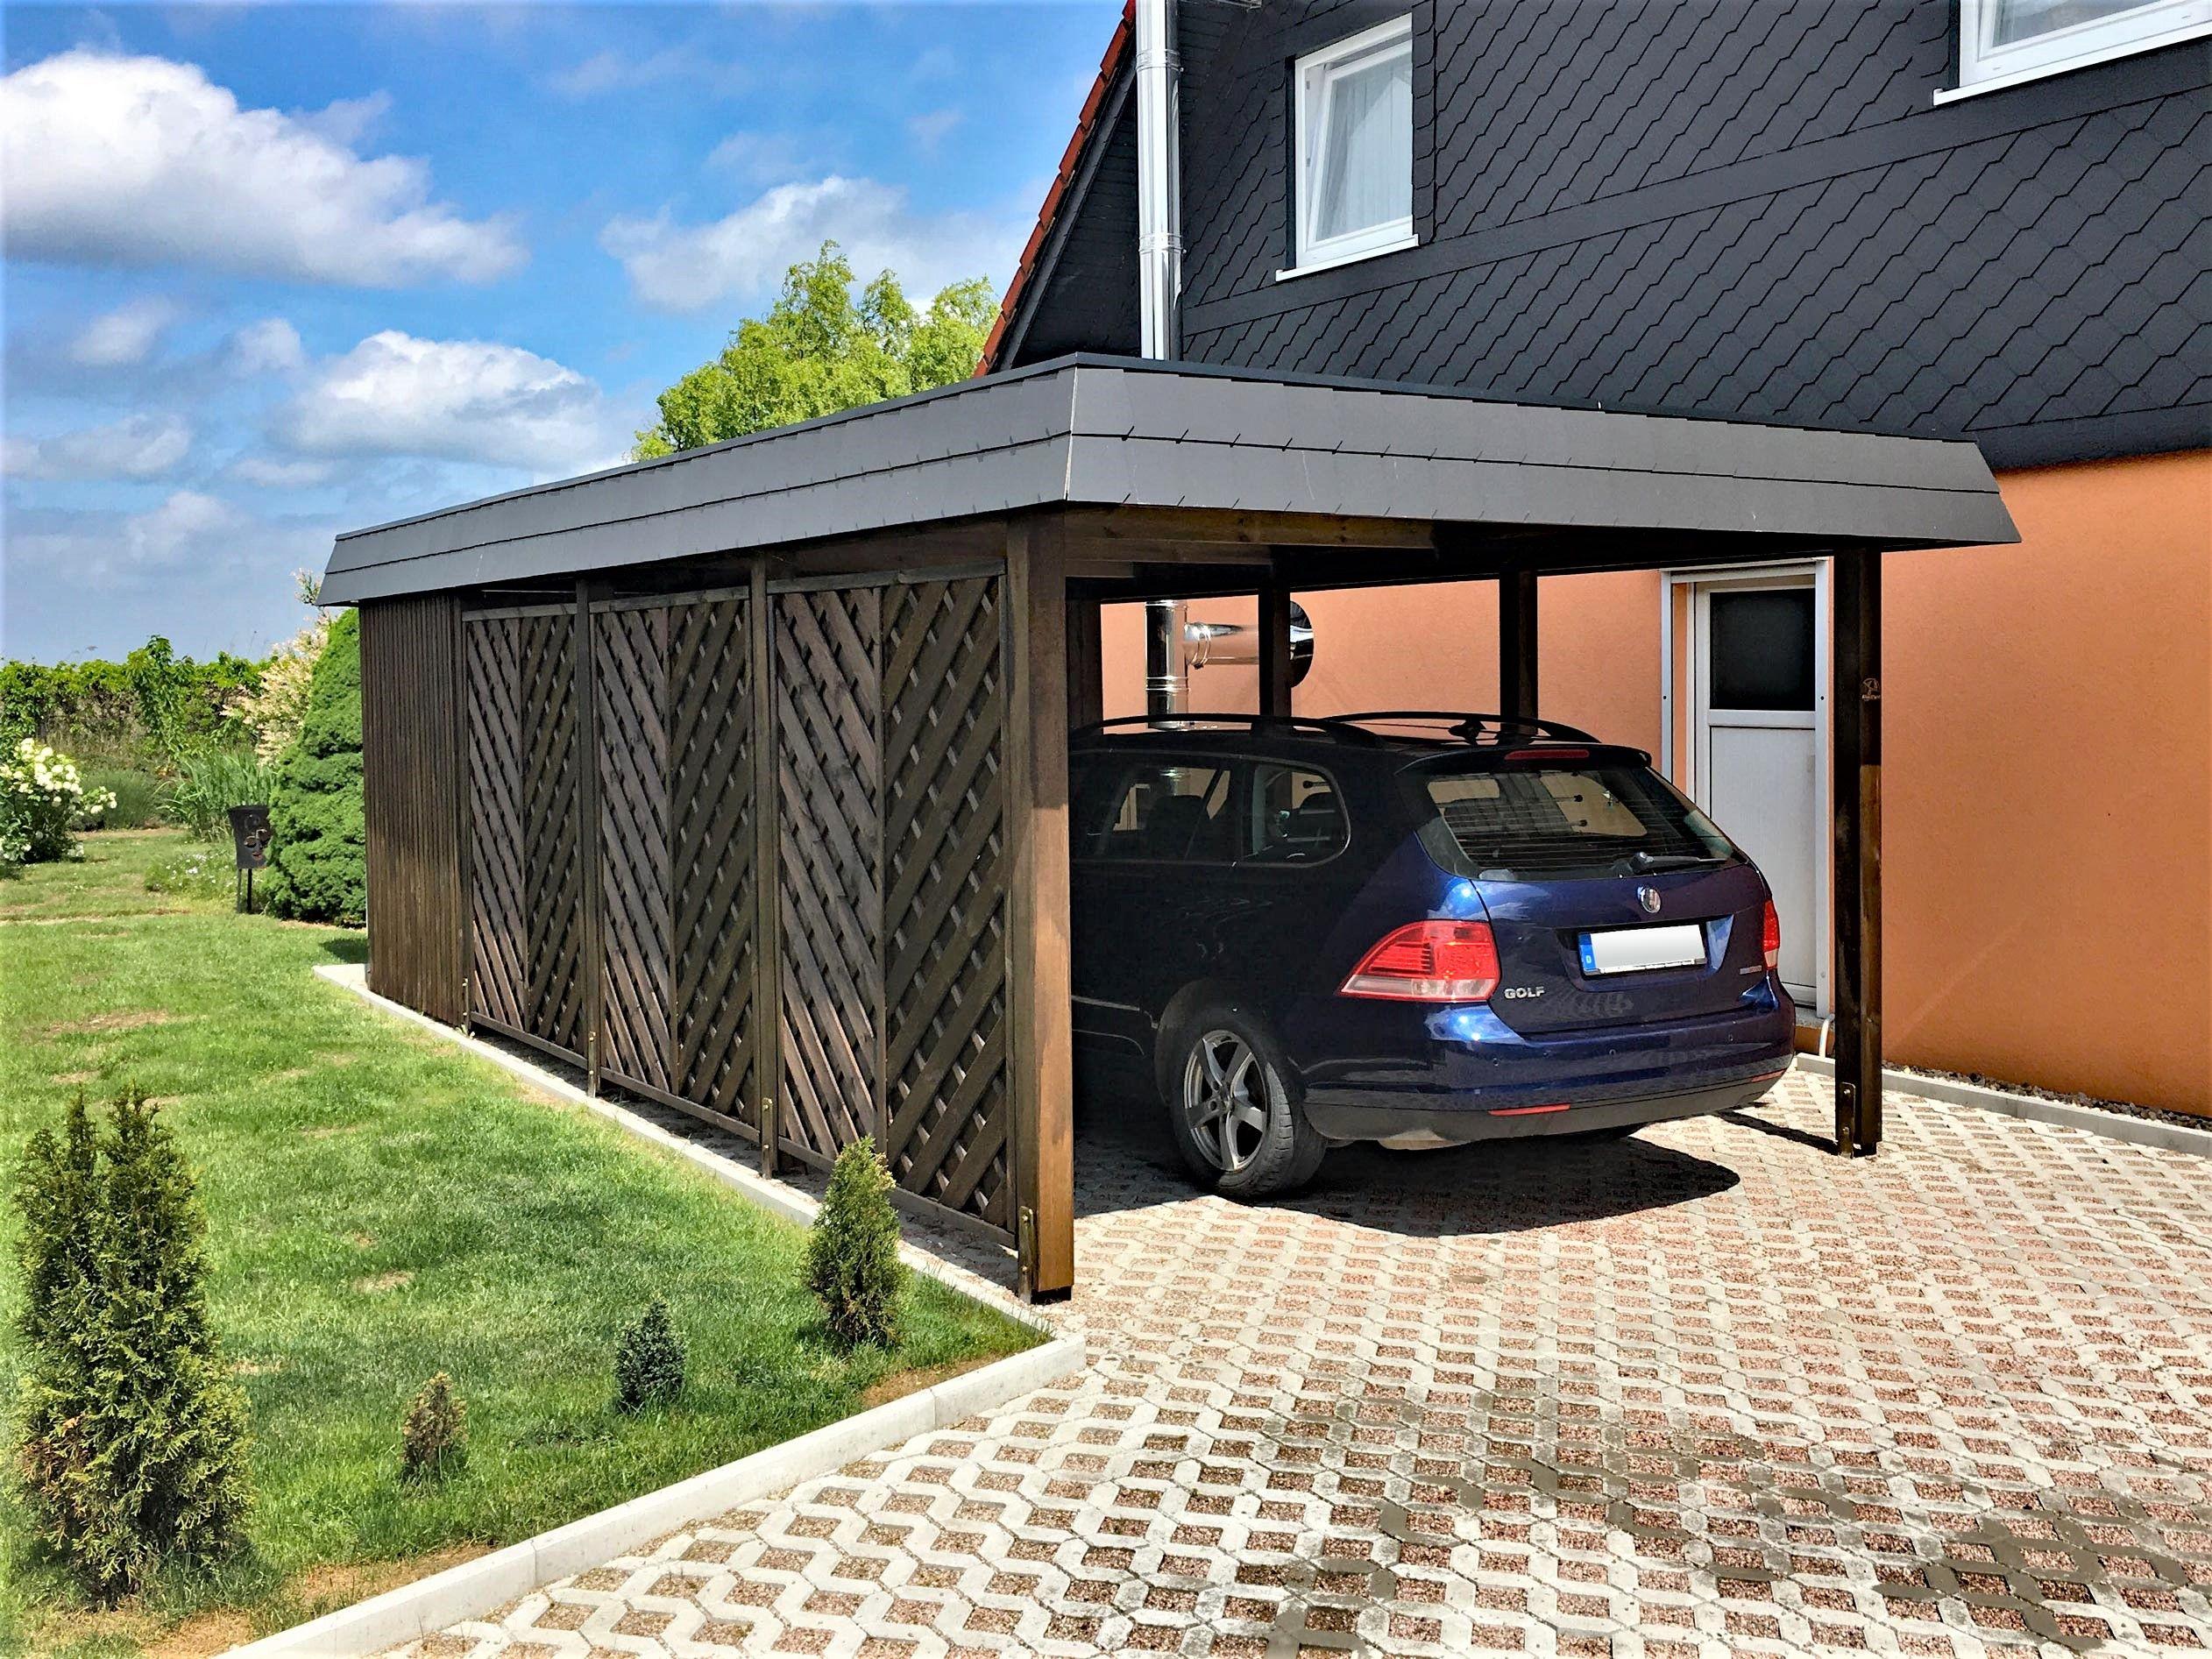 Carport Aus Holz Fur Zwei Pkw Das Dach Ist Mit Einer Zweireihigen Schindelblende Umlaufend Verkleidet Carport Uberdachung Carport Carport Holz